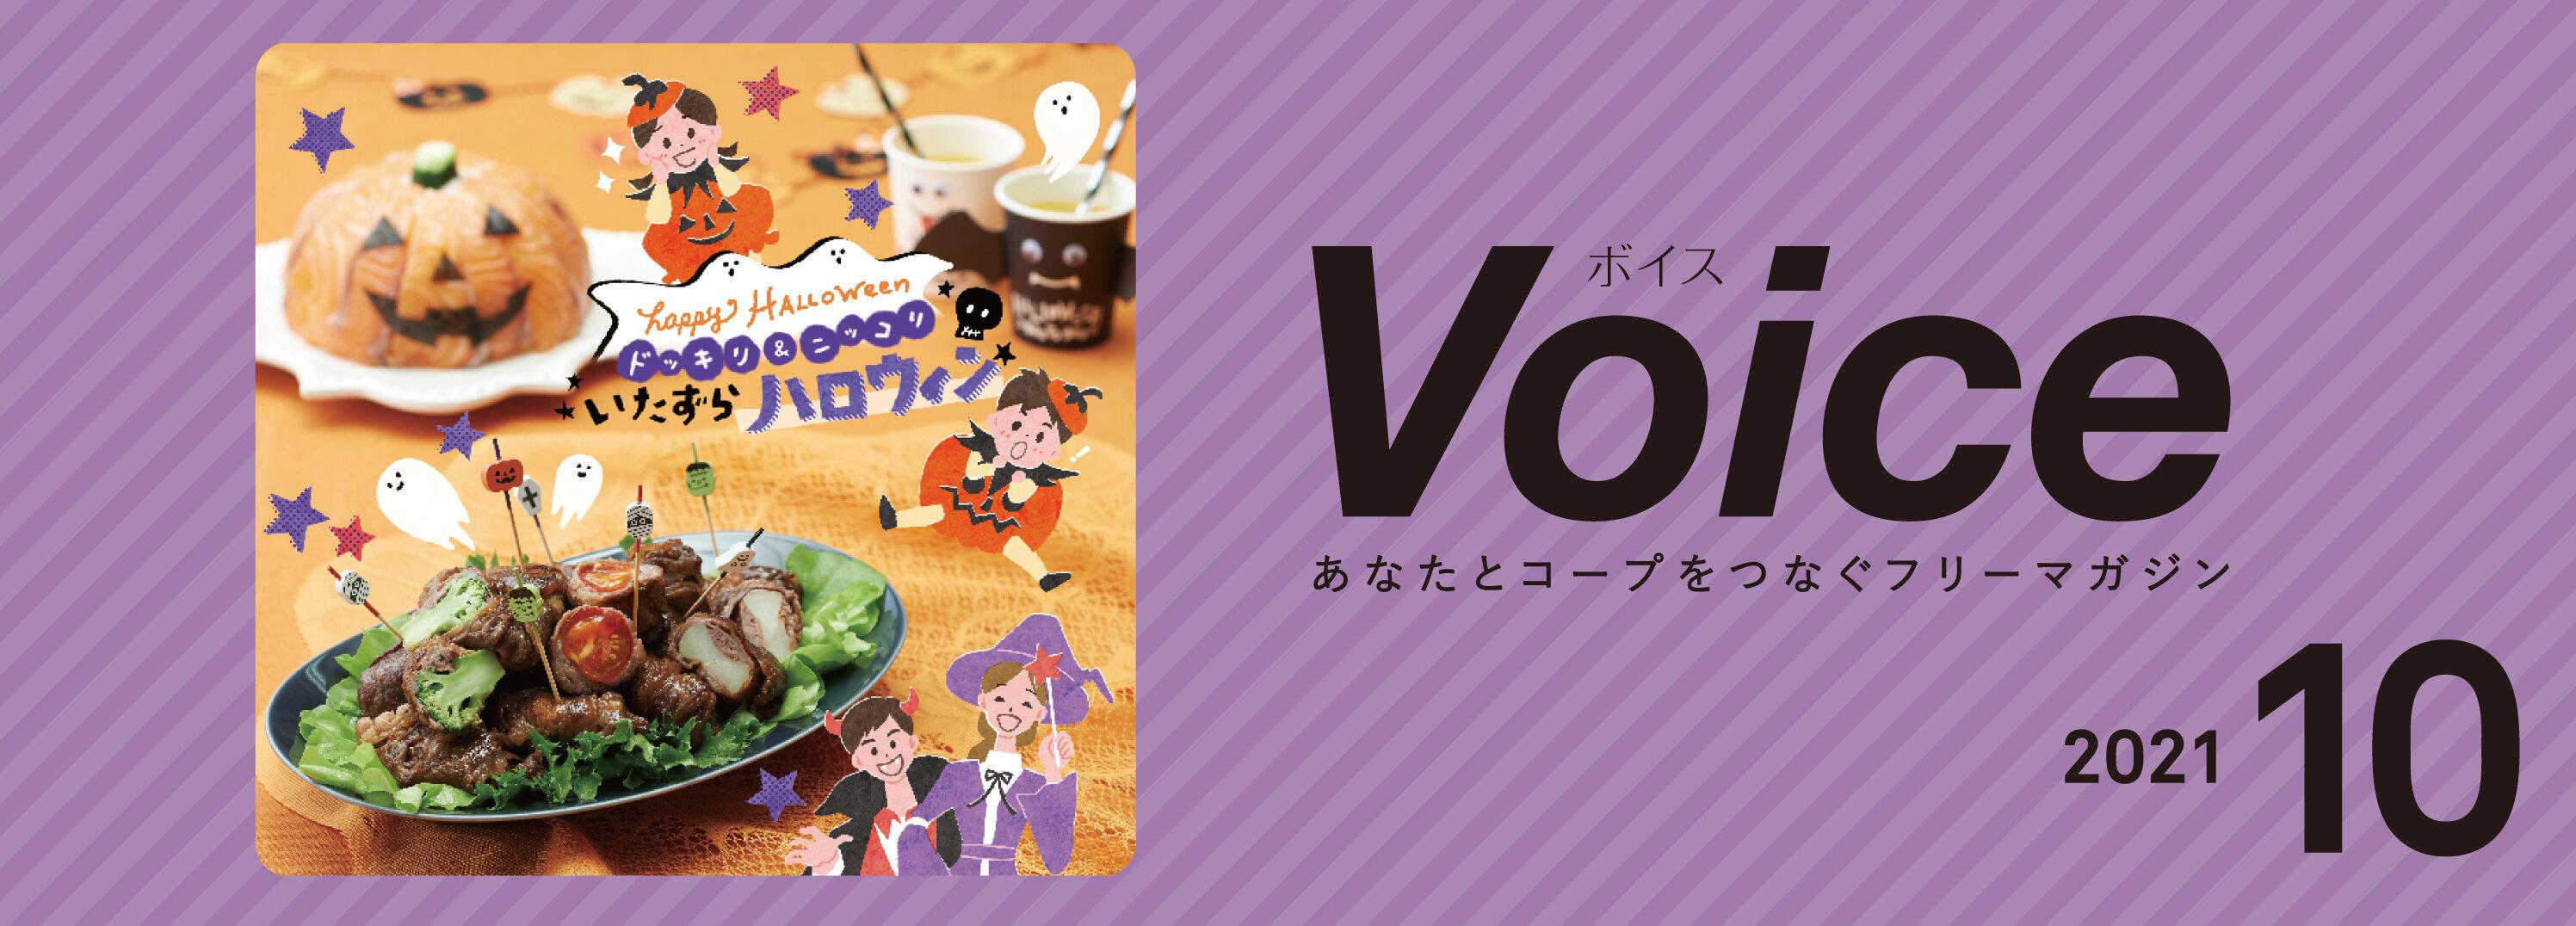 Voice 2021.10